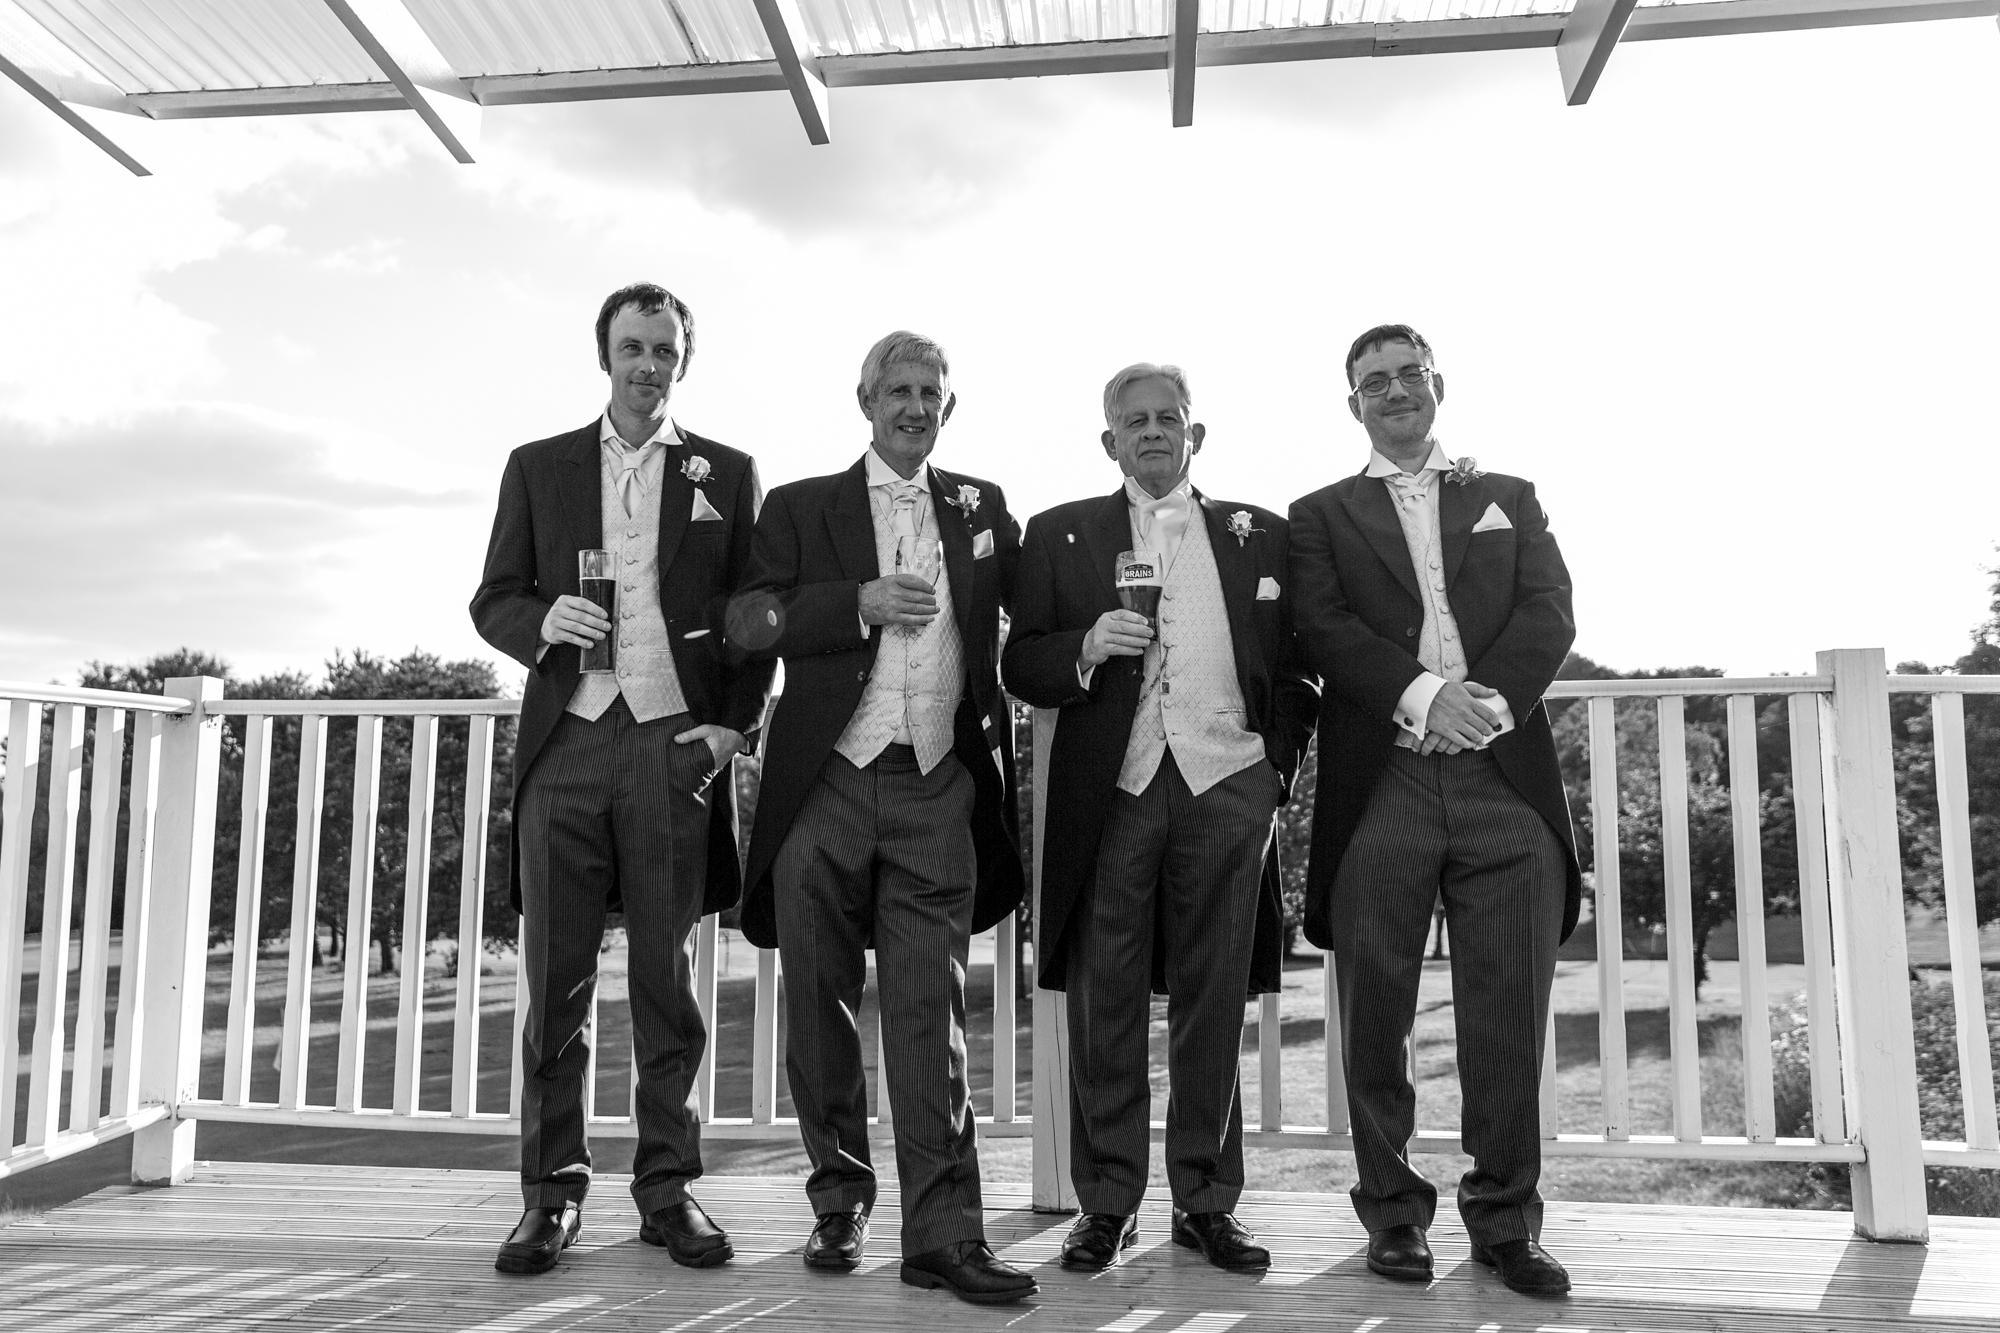 Groomsmen at Ridgeway Golf Club wedding reception